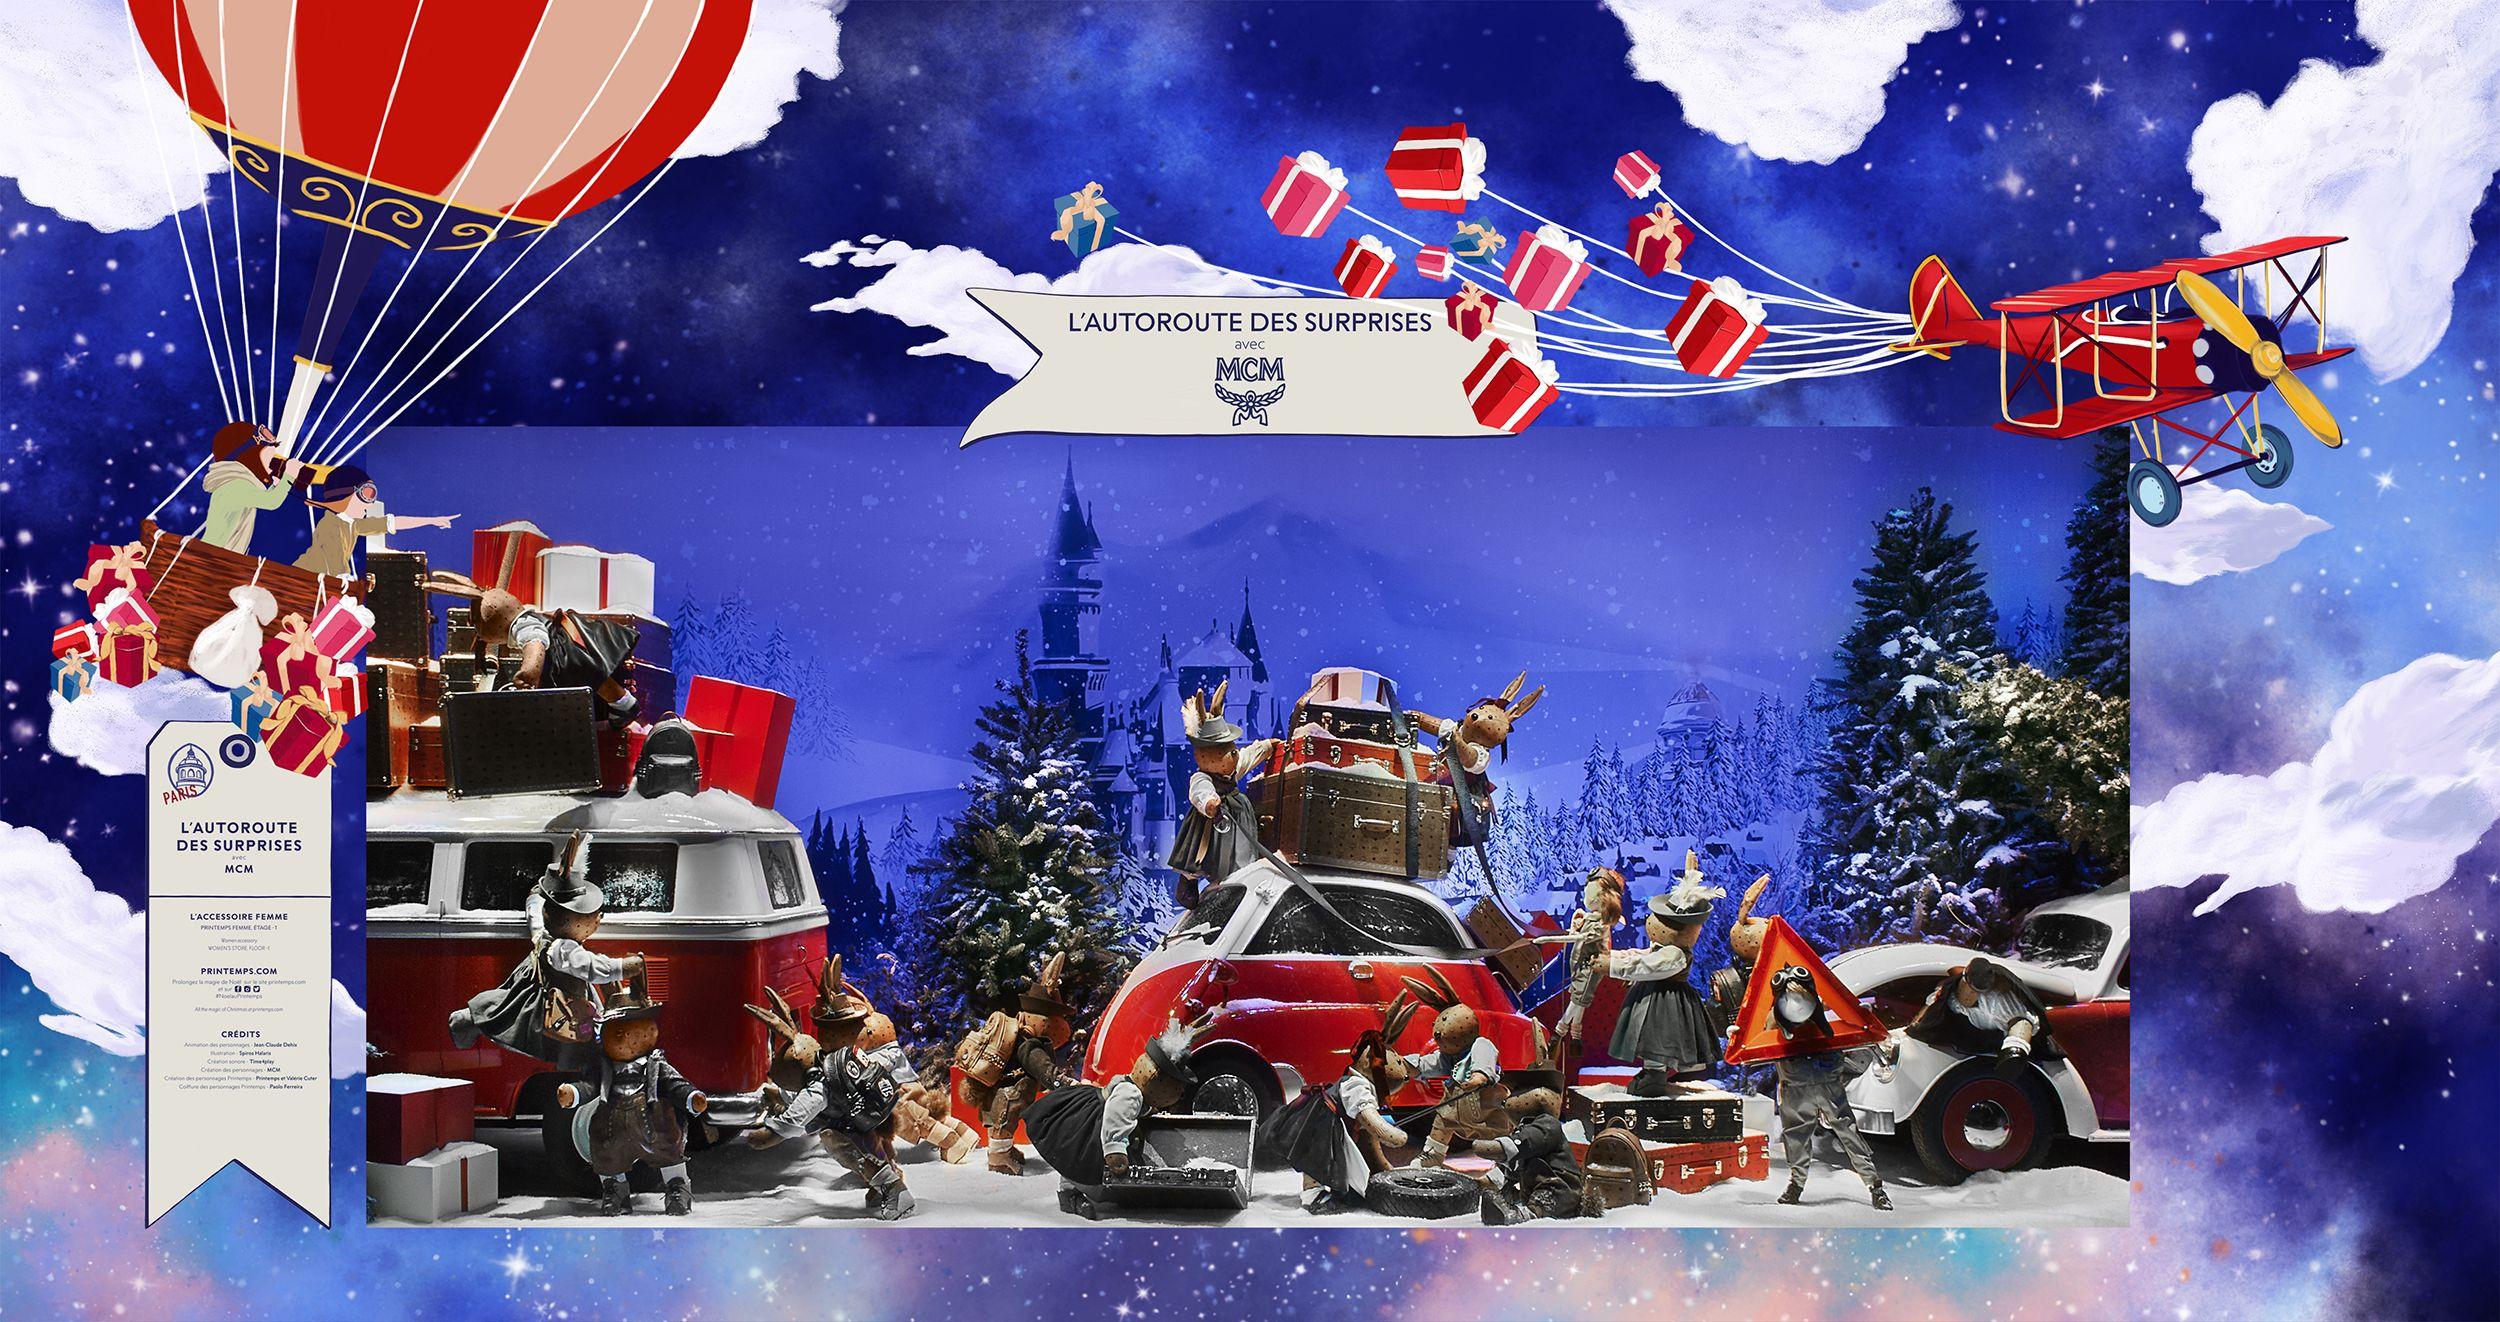 Noël, L'extraordinaire voyages des cadeaux Vitrine de Noël du